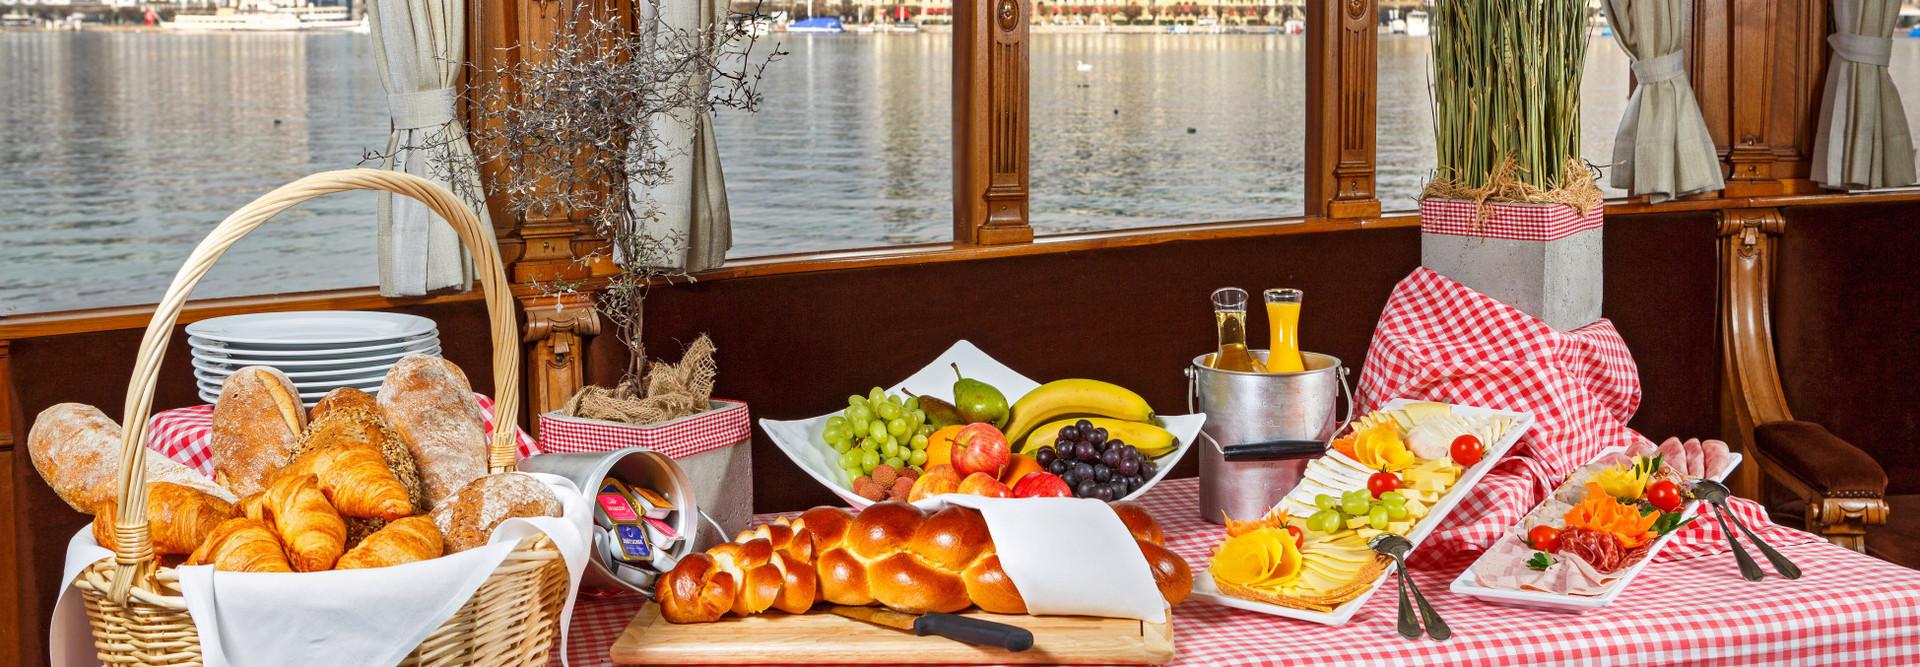 Buffet auf dem Brunch-Schiff mit Brot und kalten Platten